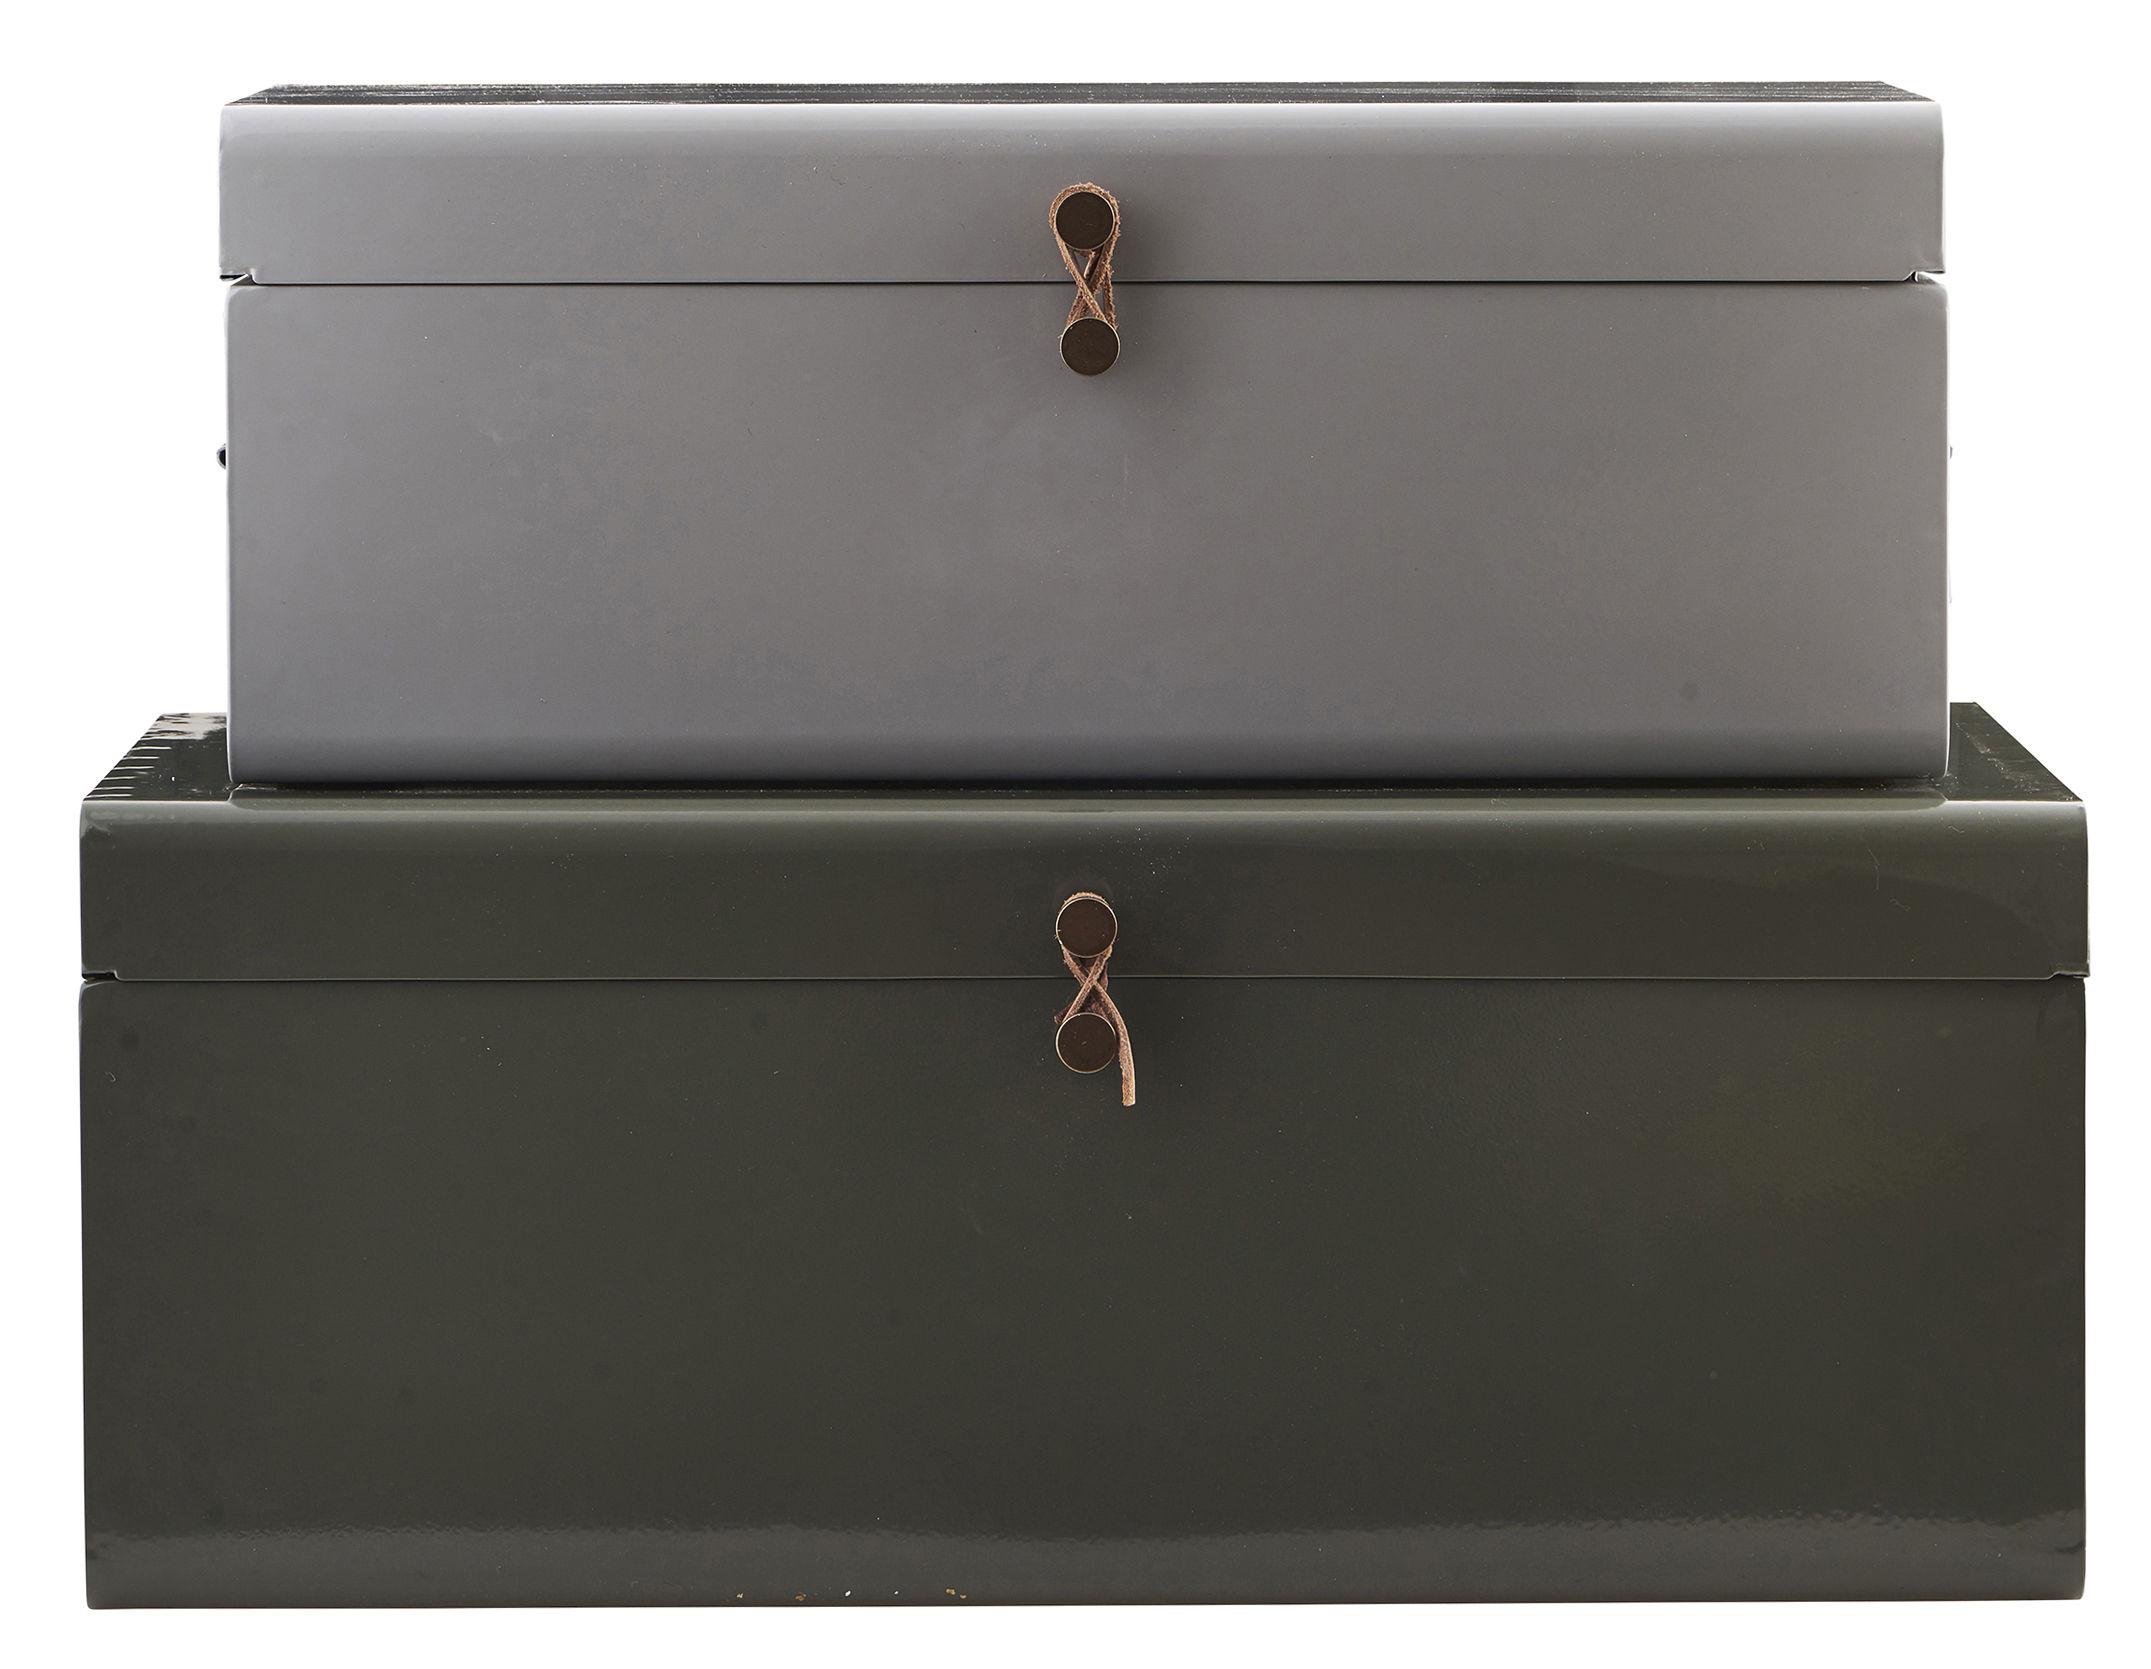 Déco - Pour les enfants - Malle Metal / Set de 2 - 60 x 36 cm - House Doctor - Gris / Vert kaki - Cuir, Métal laqué